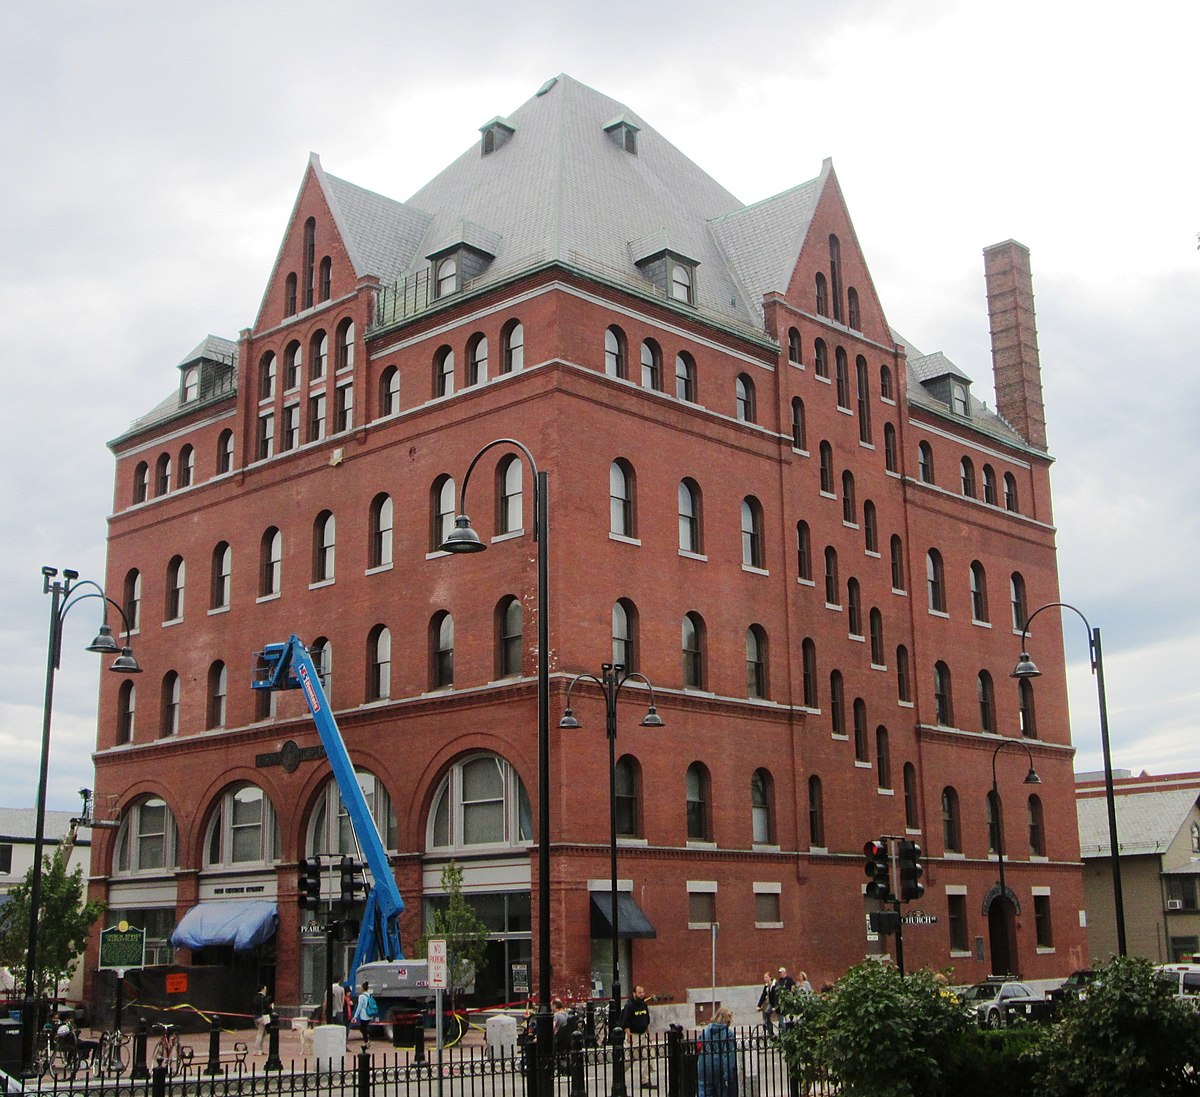 South Burlington: Masonic Temple (Burlington, Vermont)